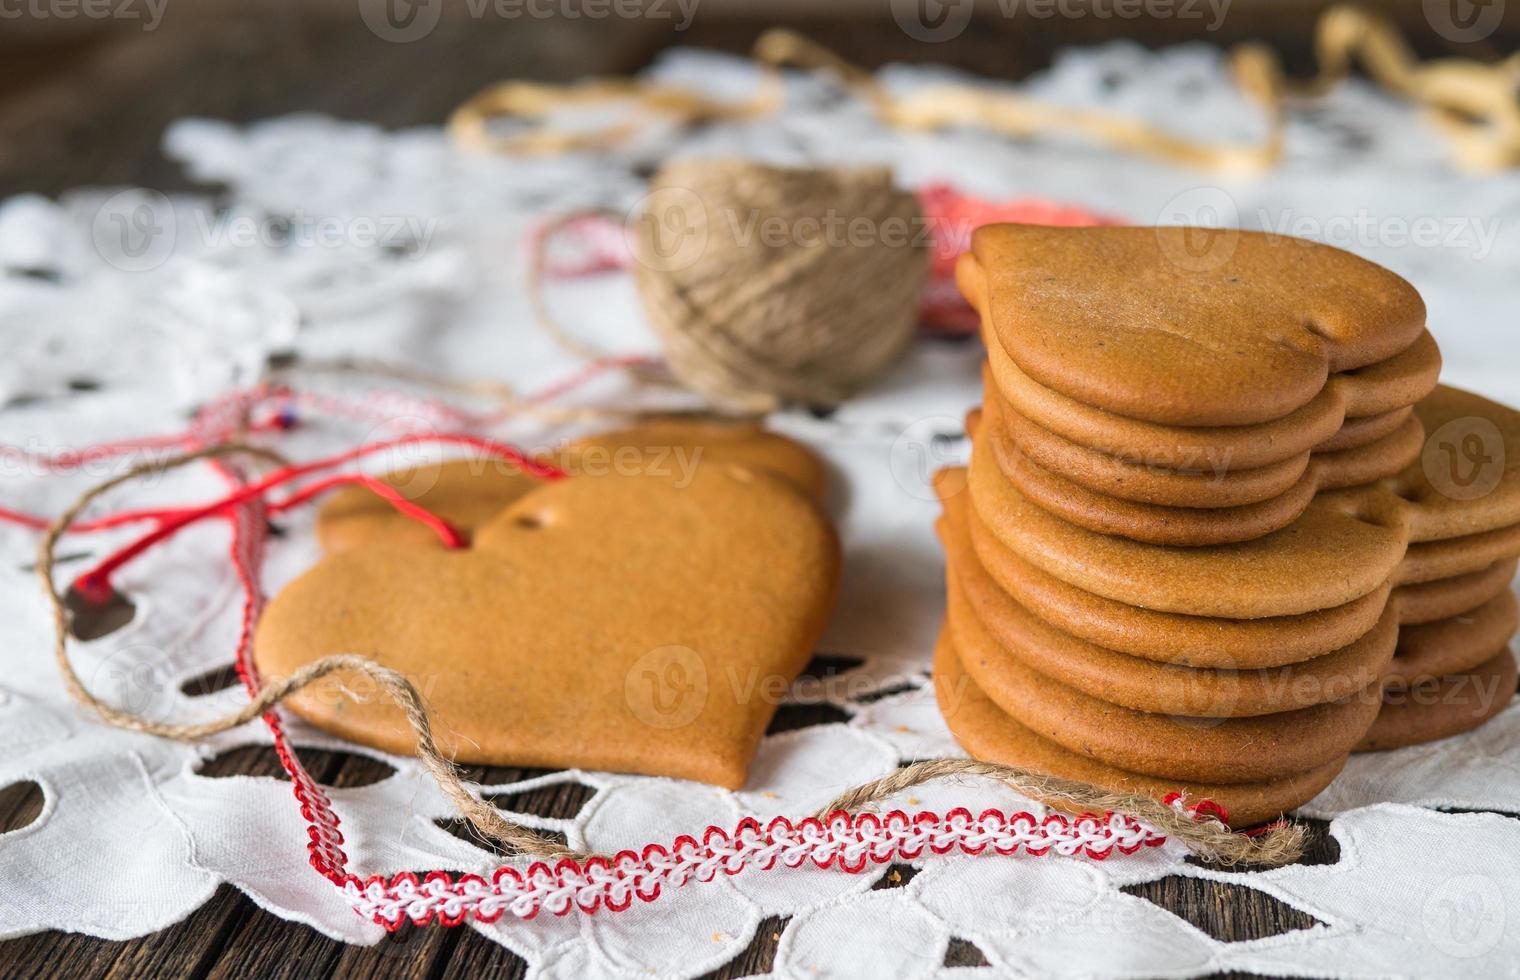 koekjes gemaakt van honingdeeg foto